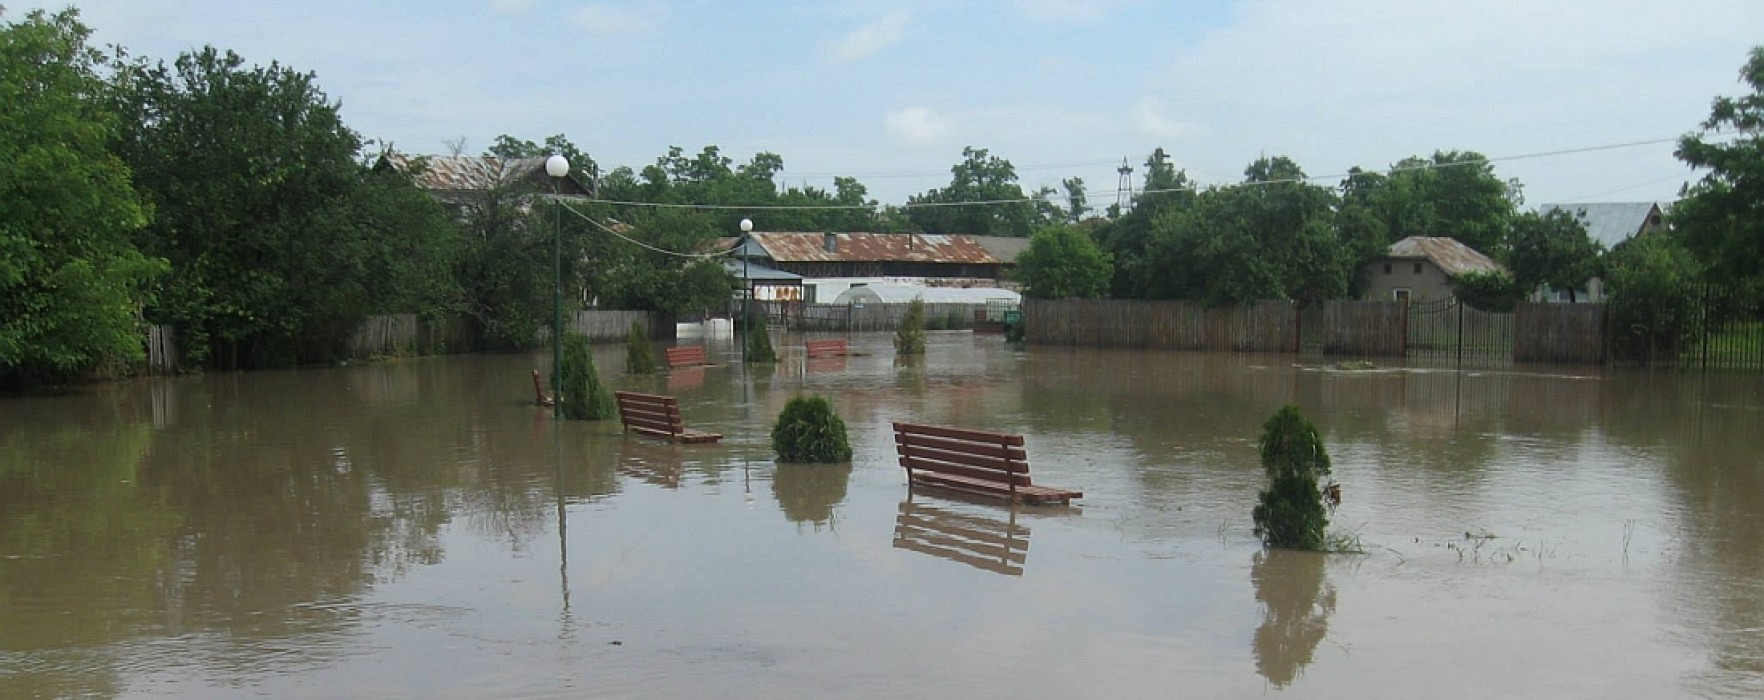 Pagube de aproape 35 milioane de lei produse de inundaţii în Dâmboviţa